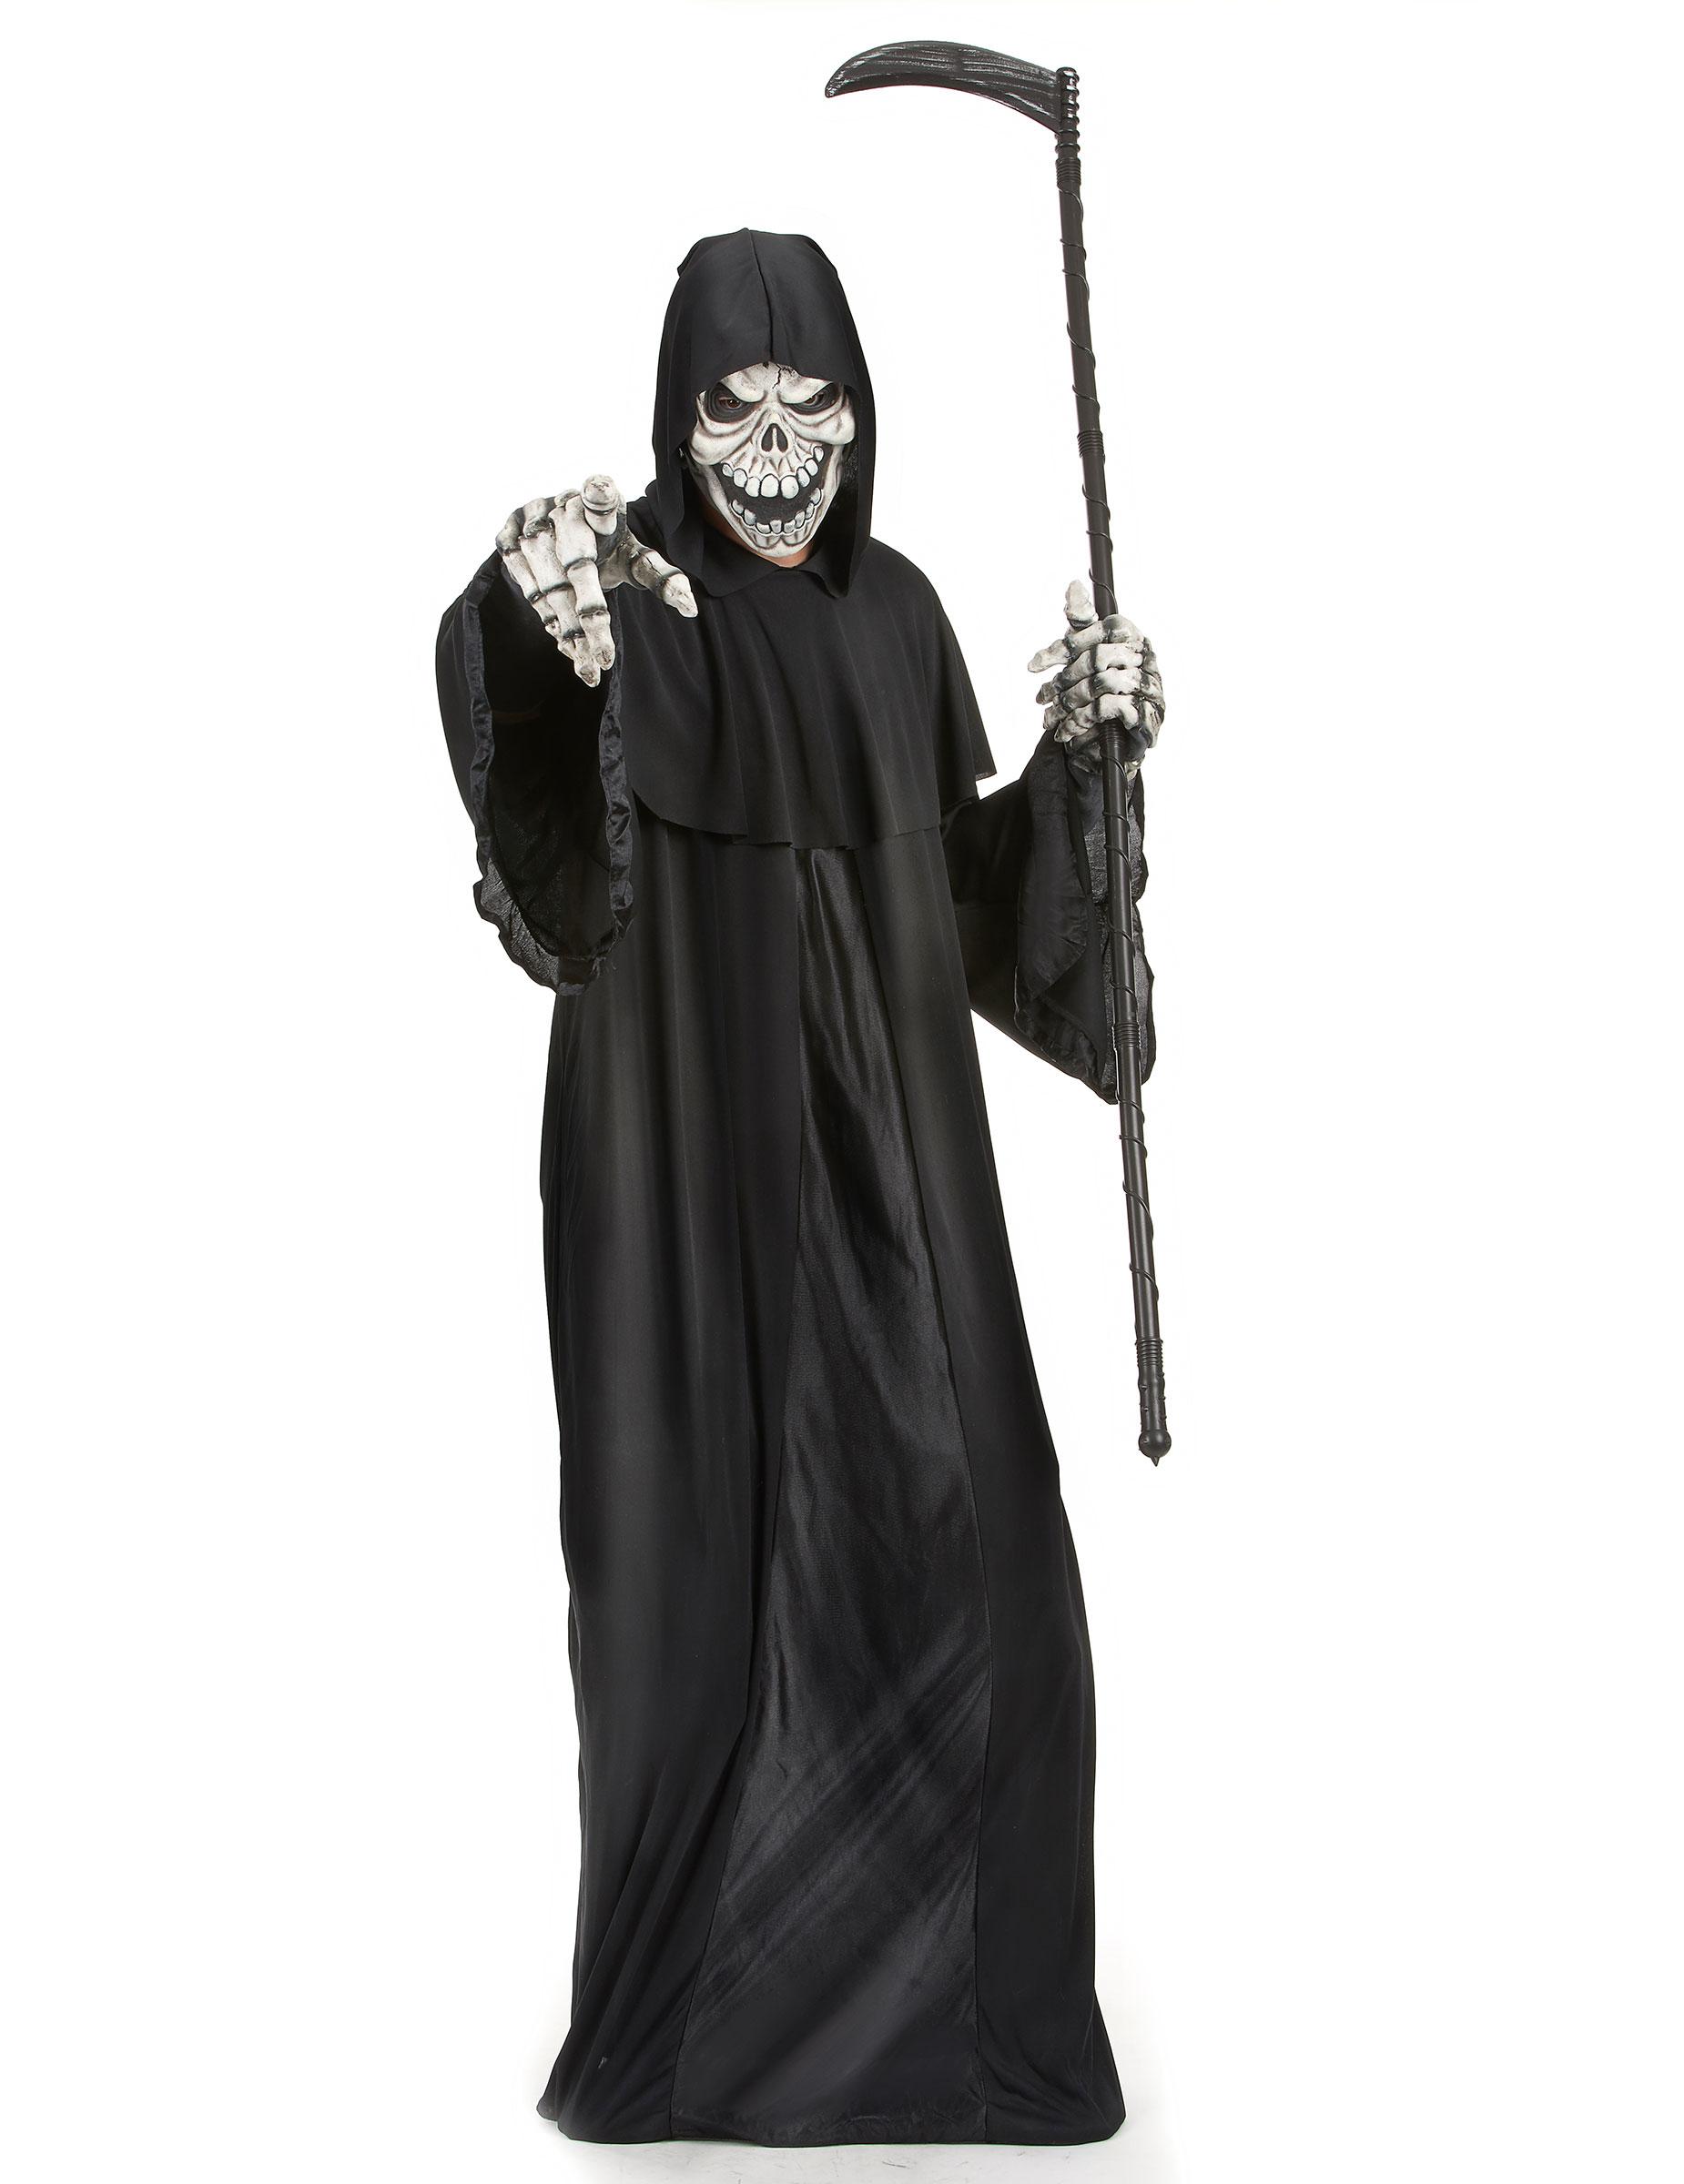 Costumi Halloween Adulti.Costume Da Signore Della Morte Adulto